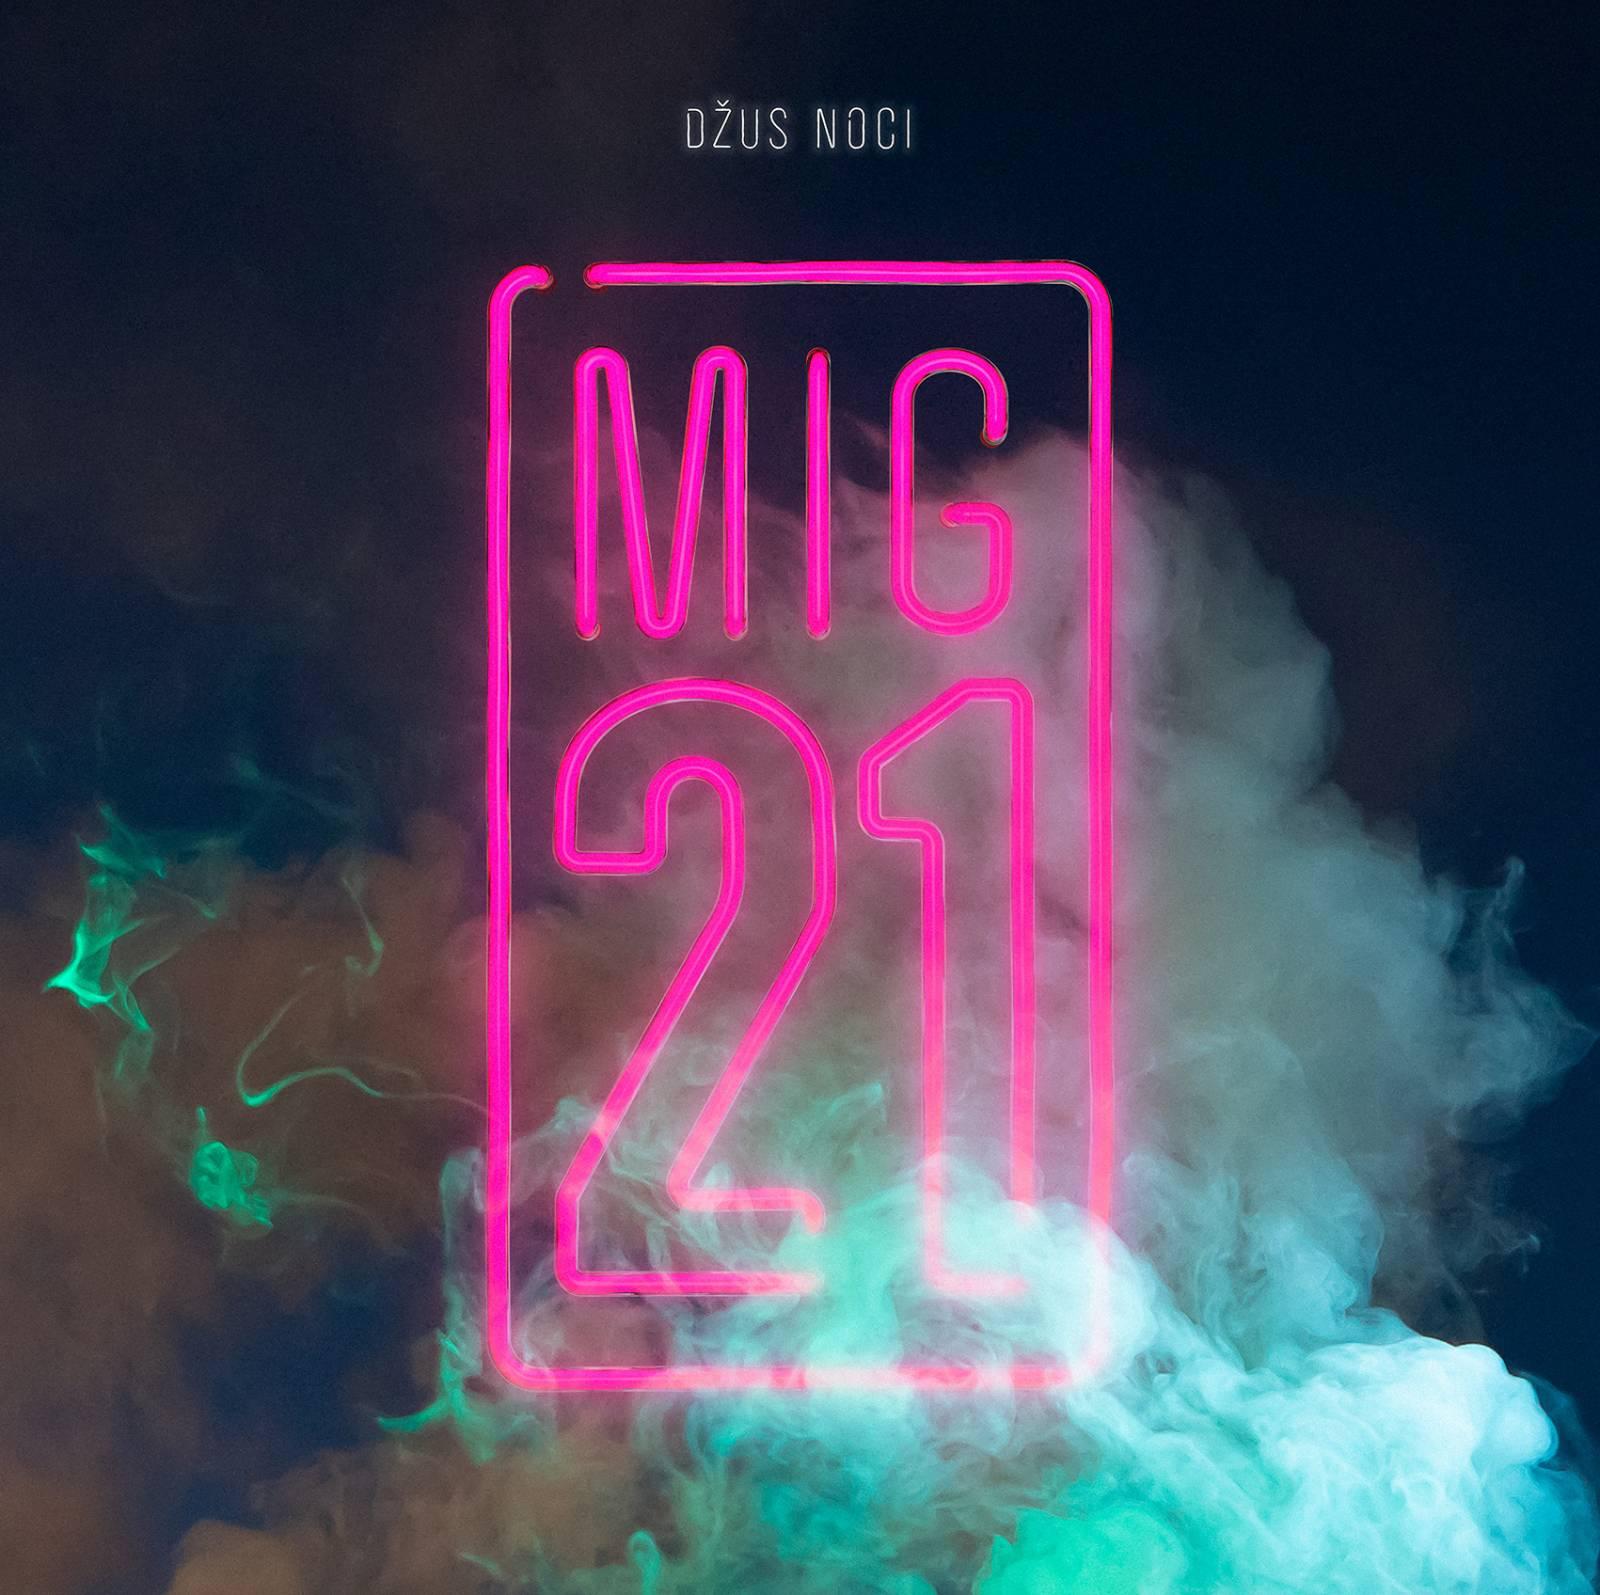 SOUTĚŽ: Mig 21